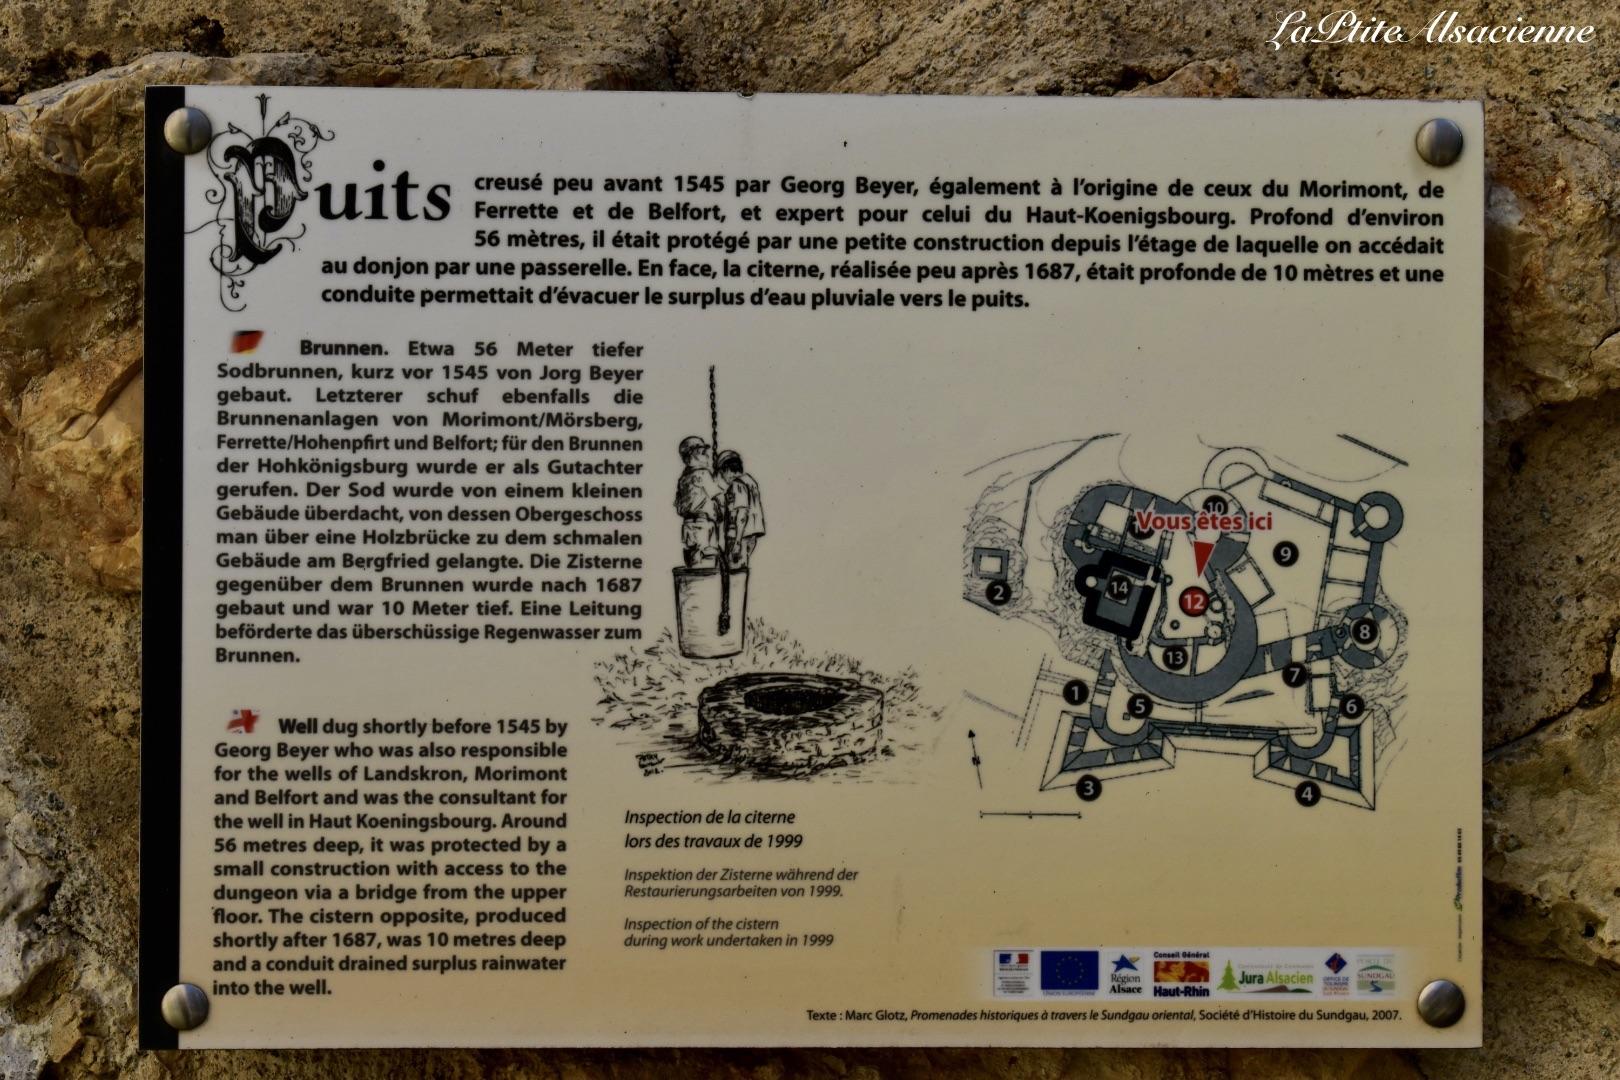 Panneau présent sur toute la visite du château de landskron à Leymen - Alsace - France